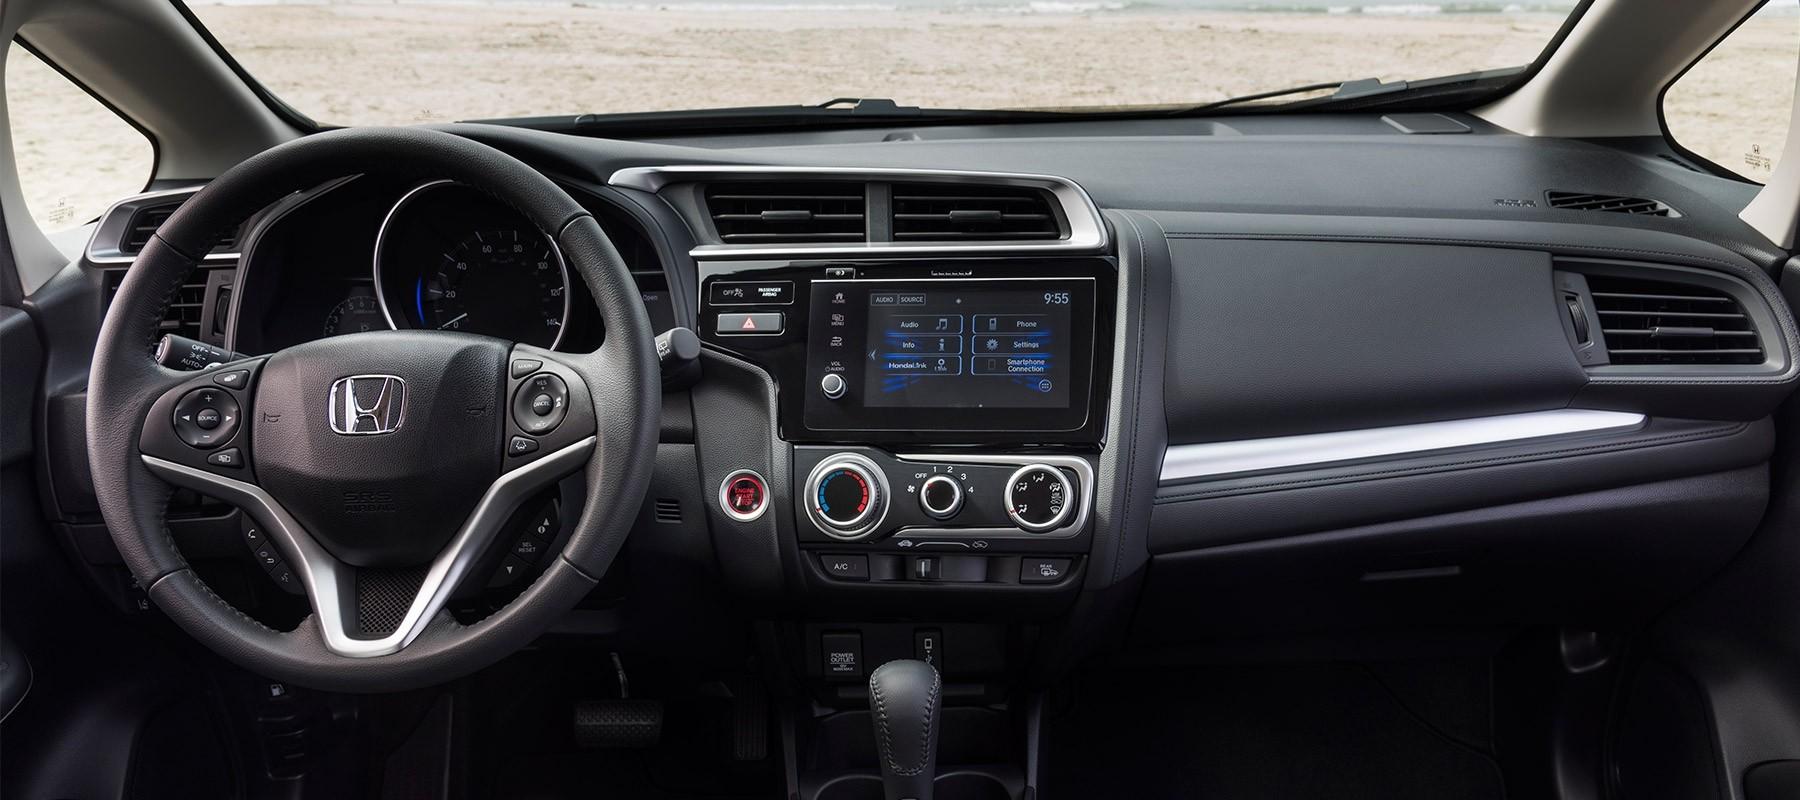 2018 Honda Fit Refreshed And For Sale At Keenan Honda